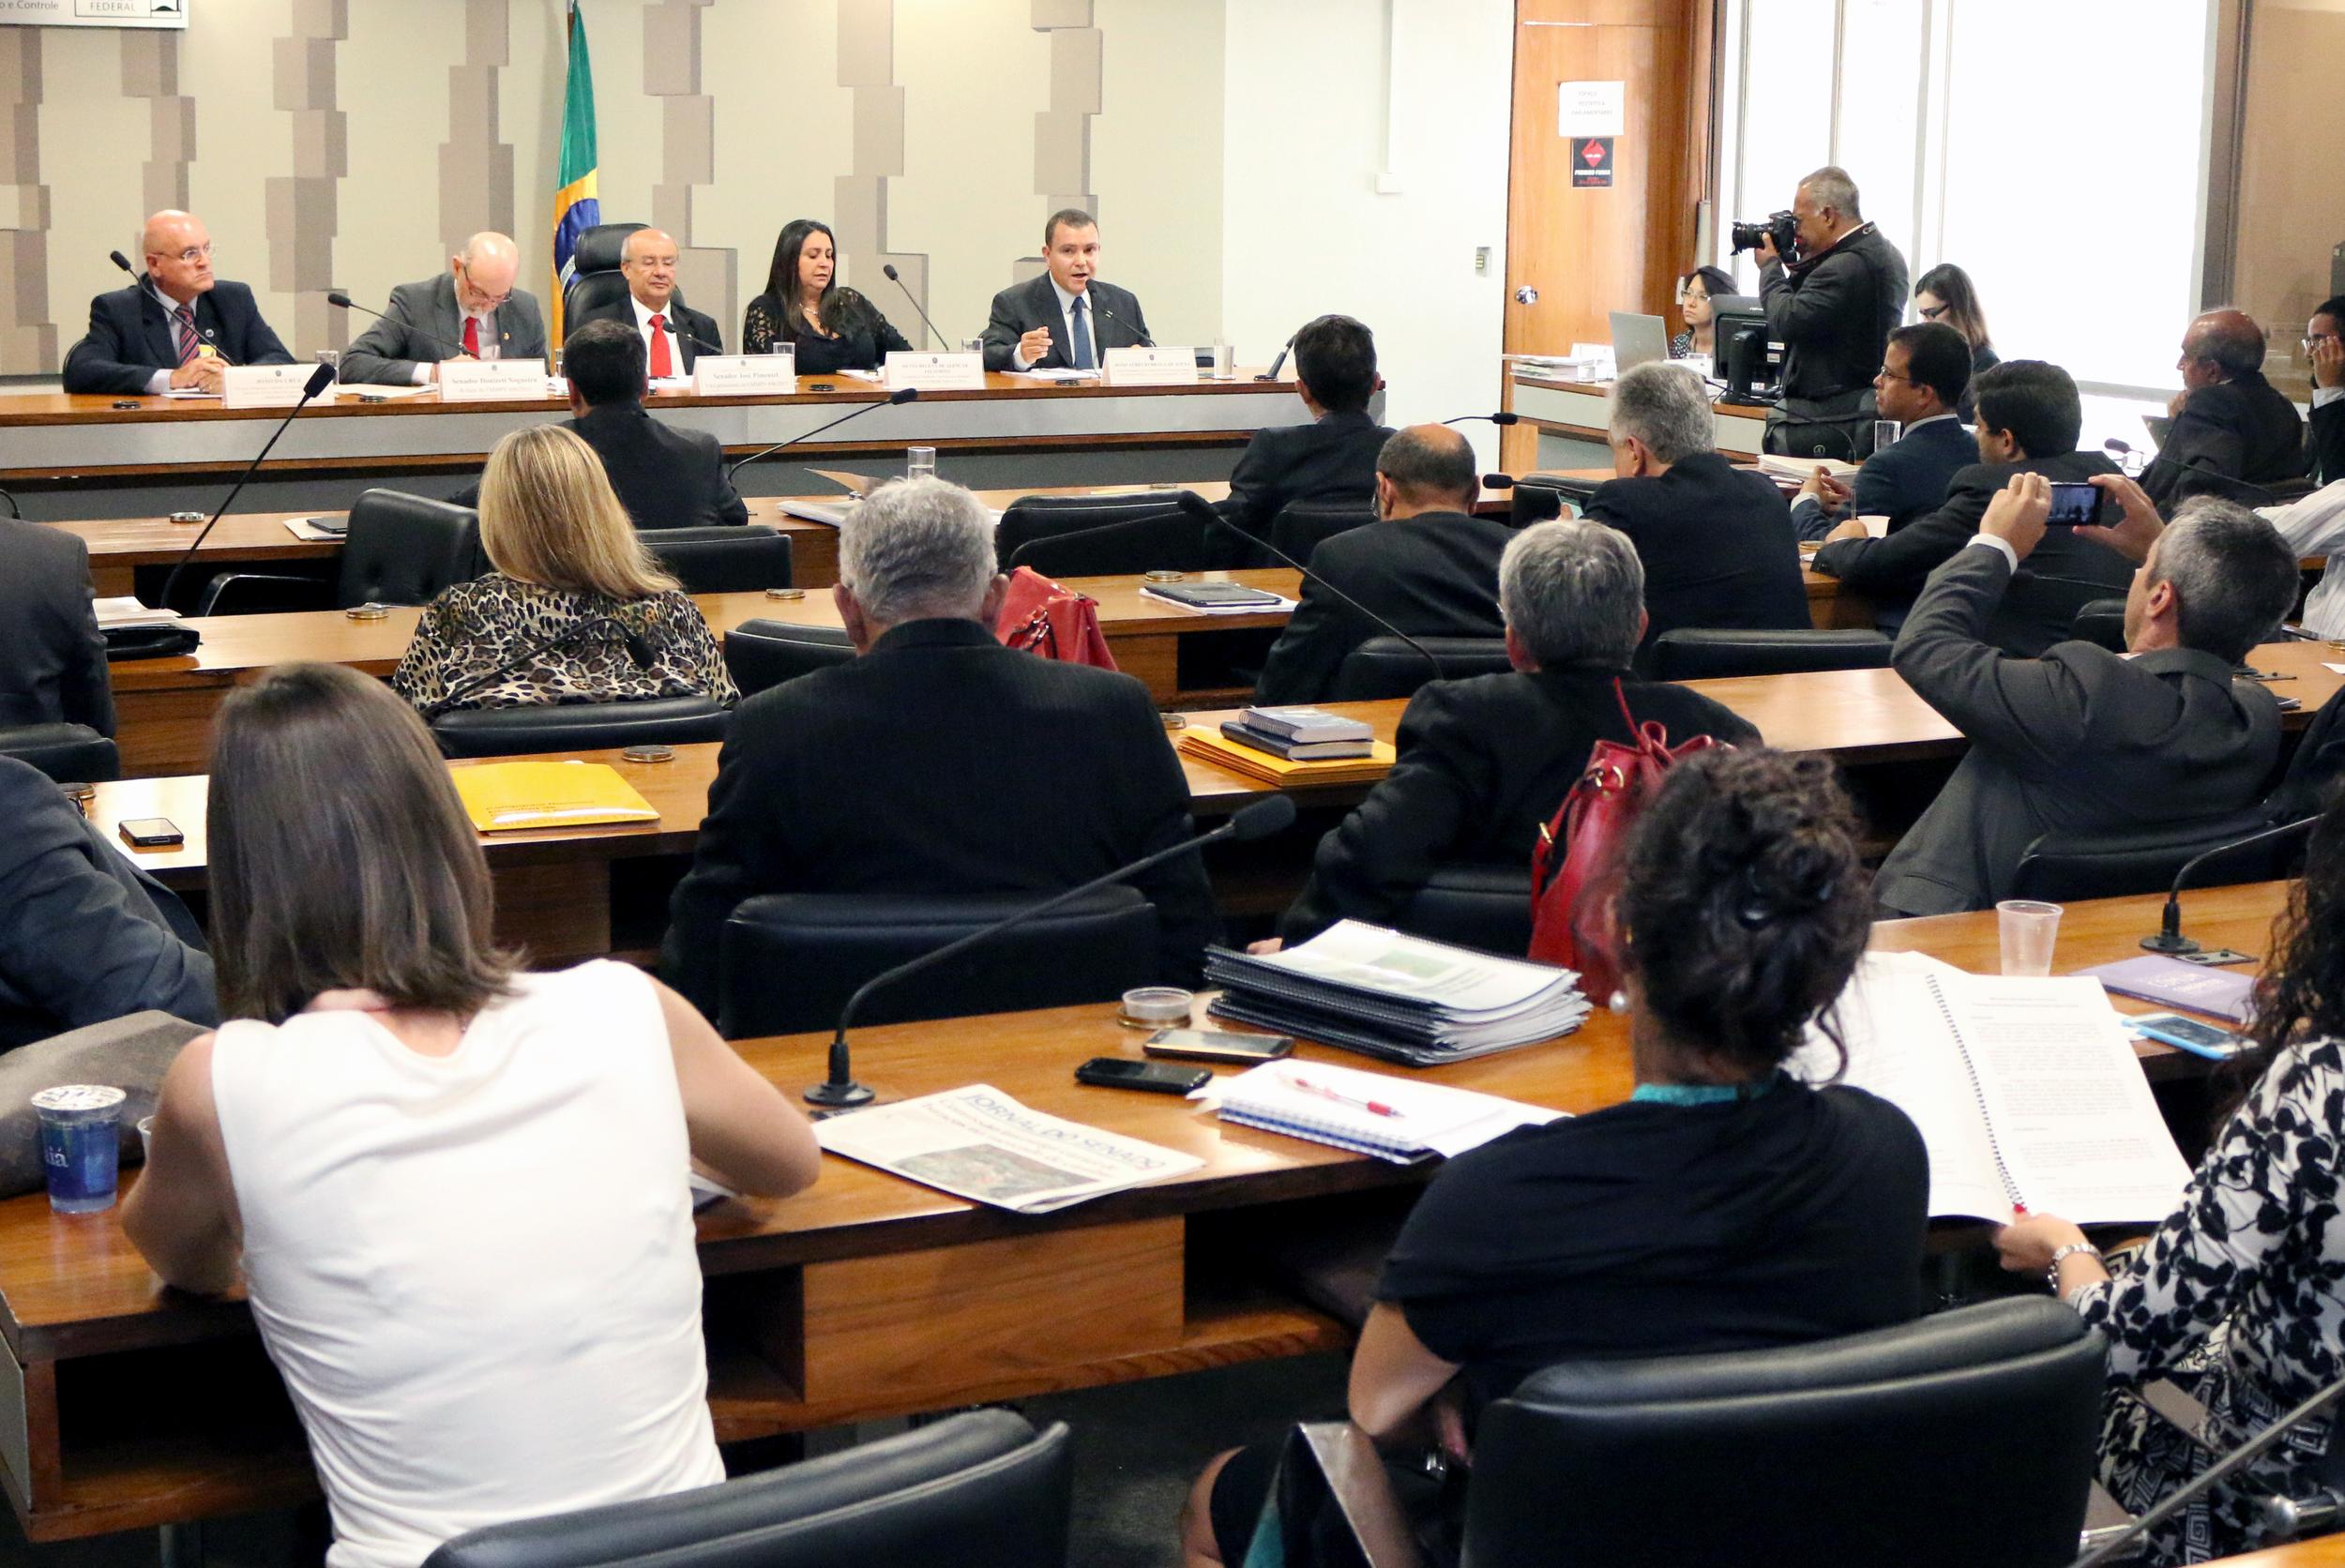 09 João Aurélio - Audiência Pública MP 696 2015.jpg